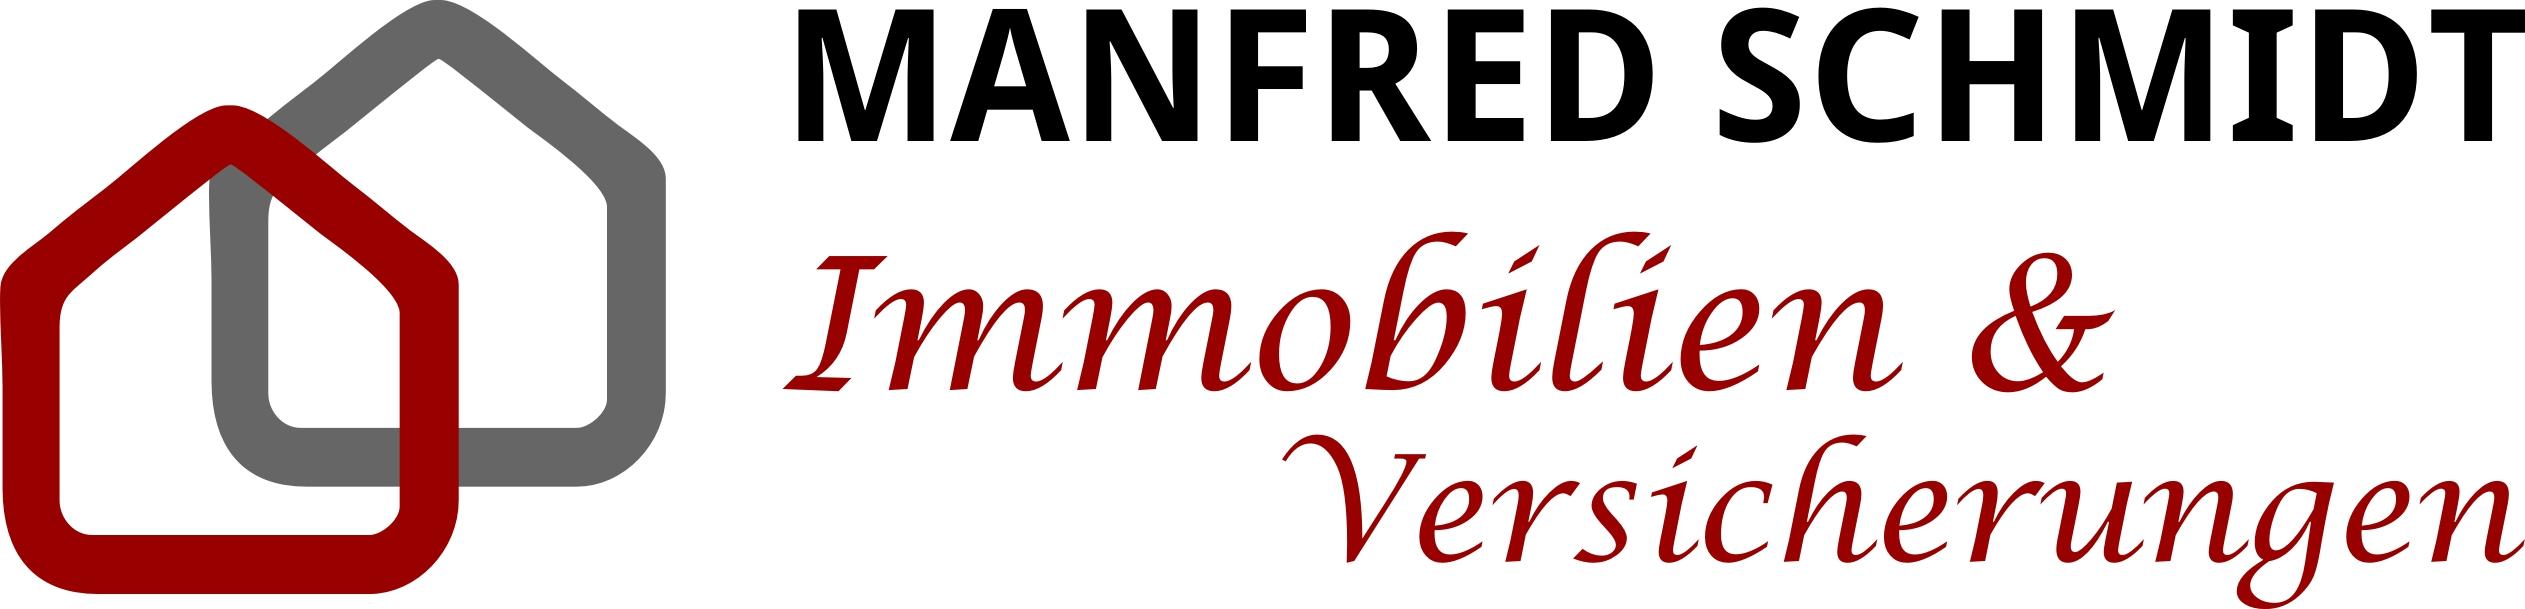 Hier sehen Sie das Logo von Manfred Schmidt - SCHMIDT - IMMO - FINANZ